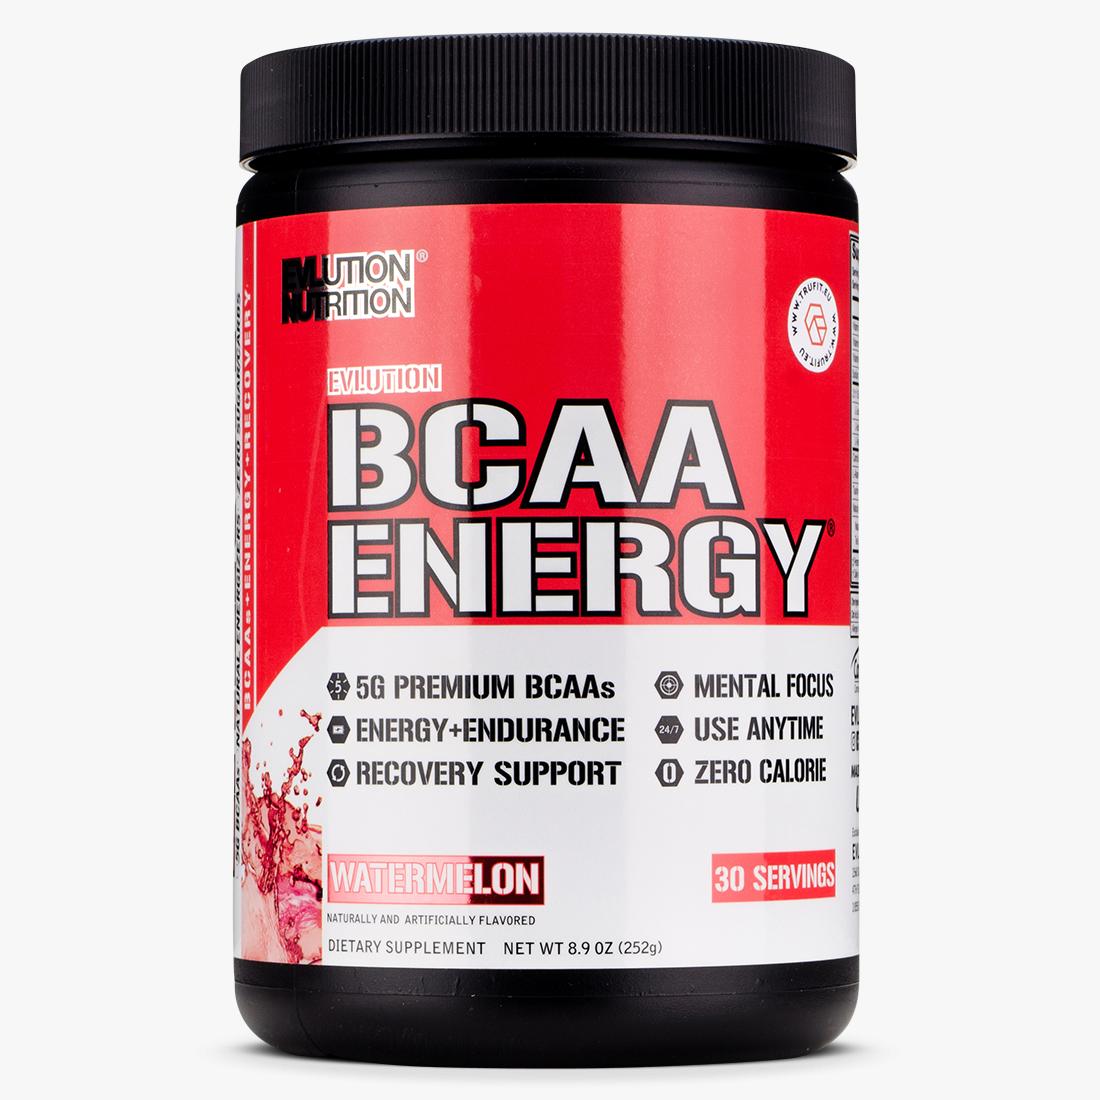 EVL Nutrition - BCAA Energy